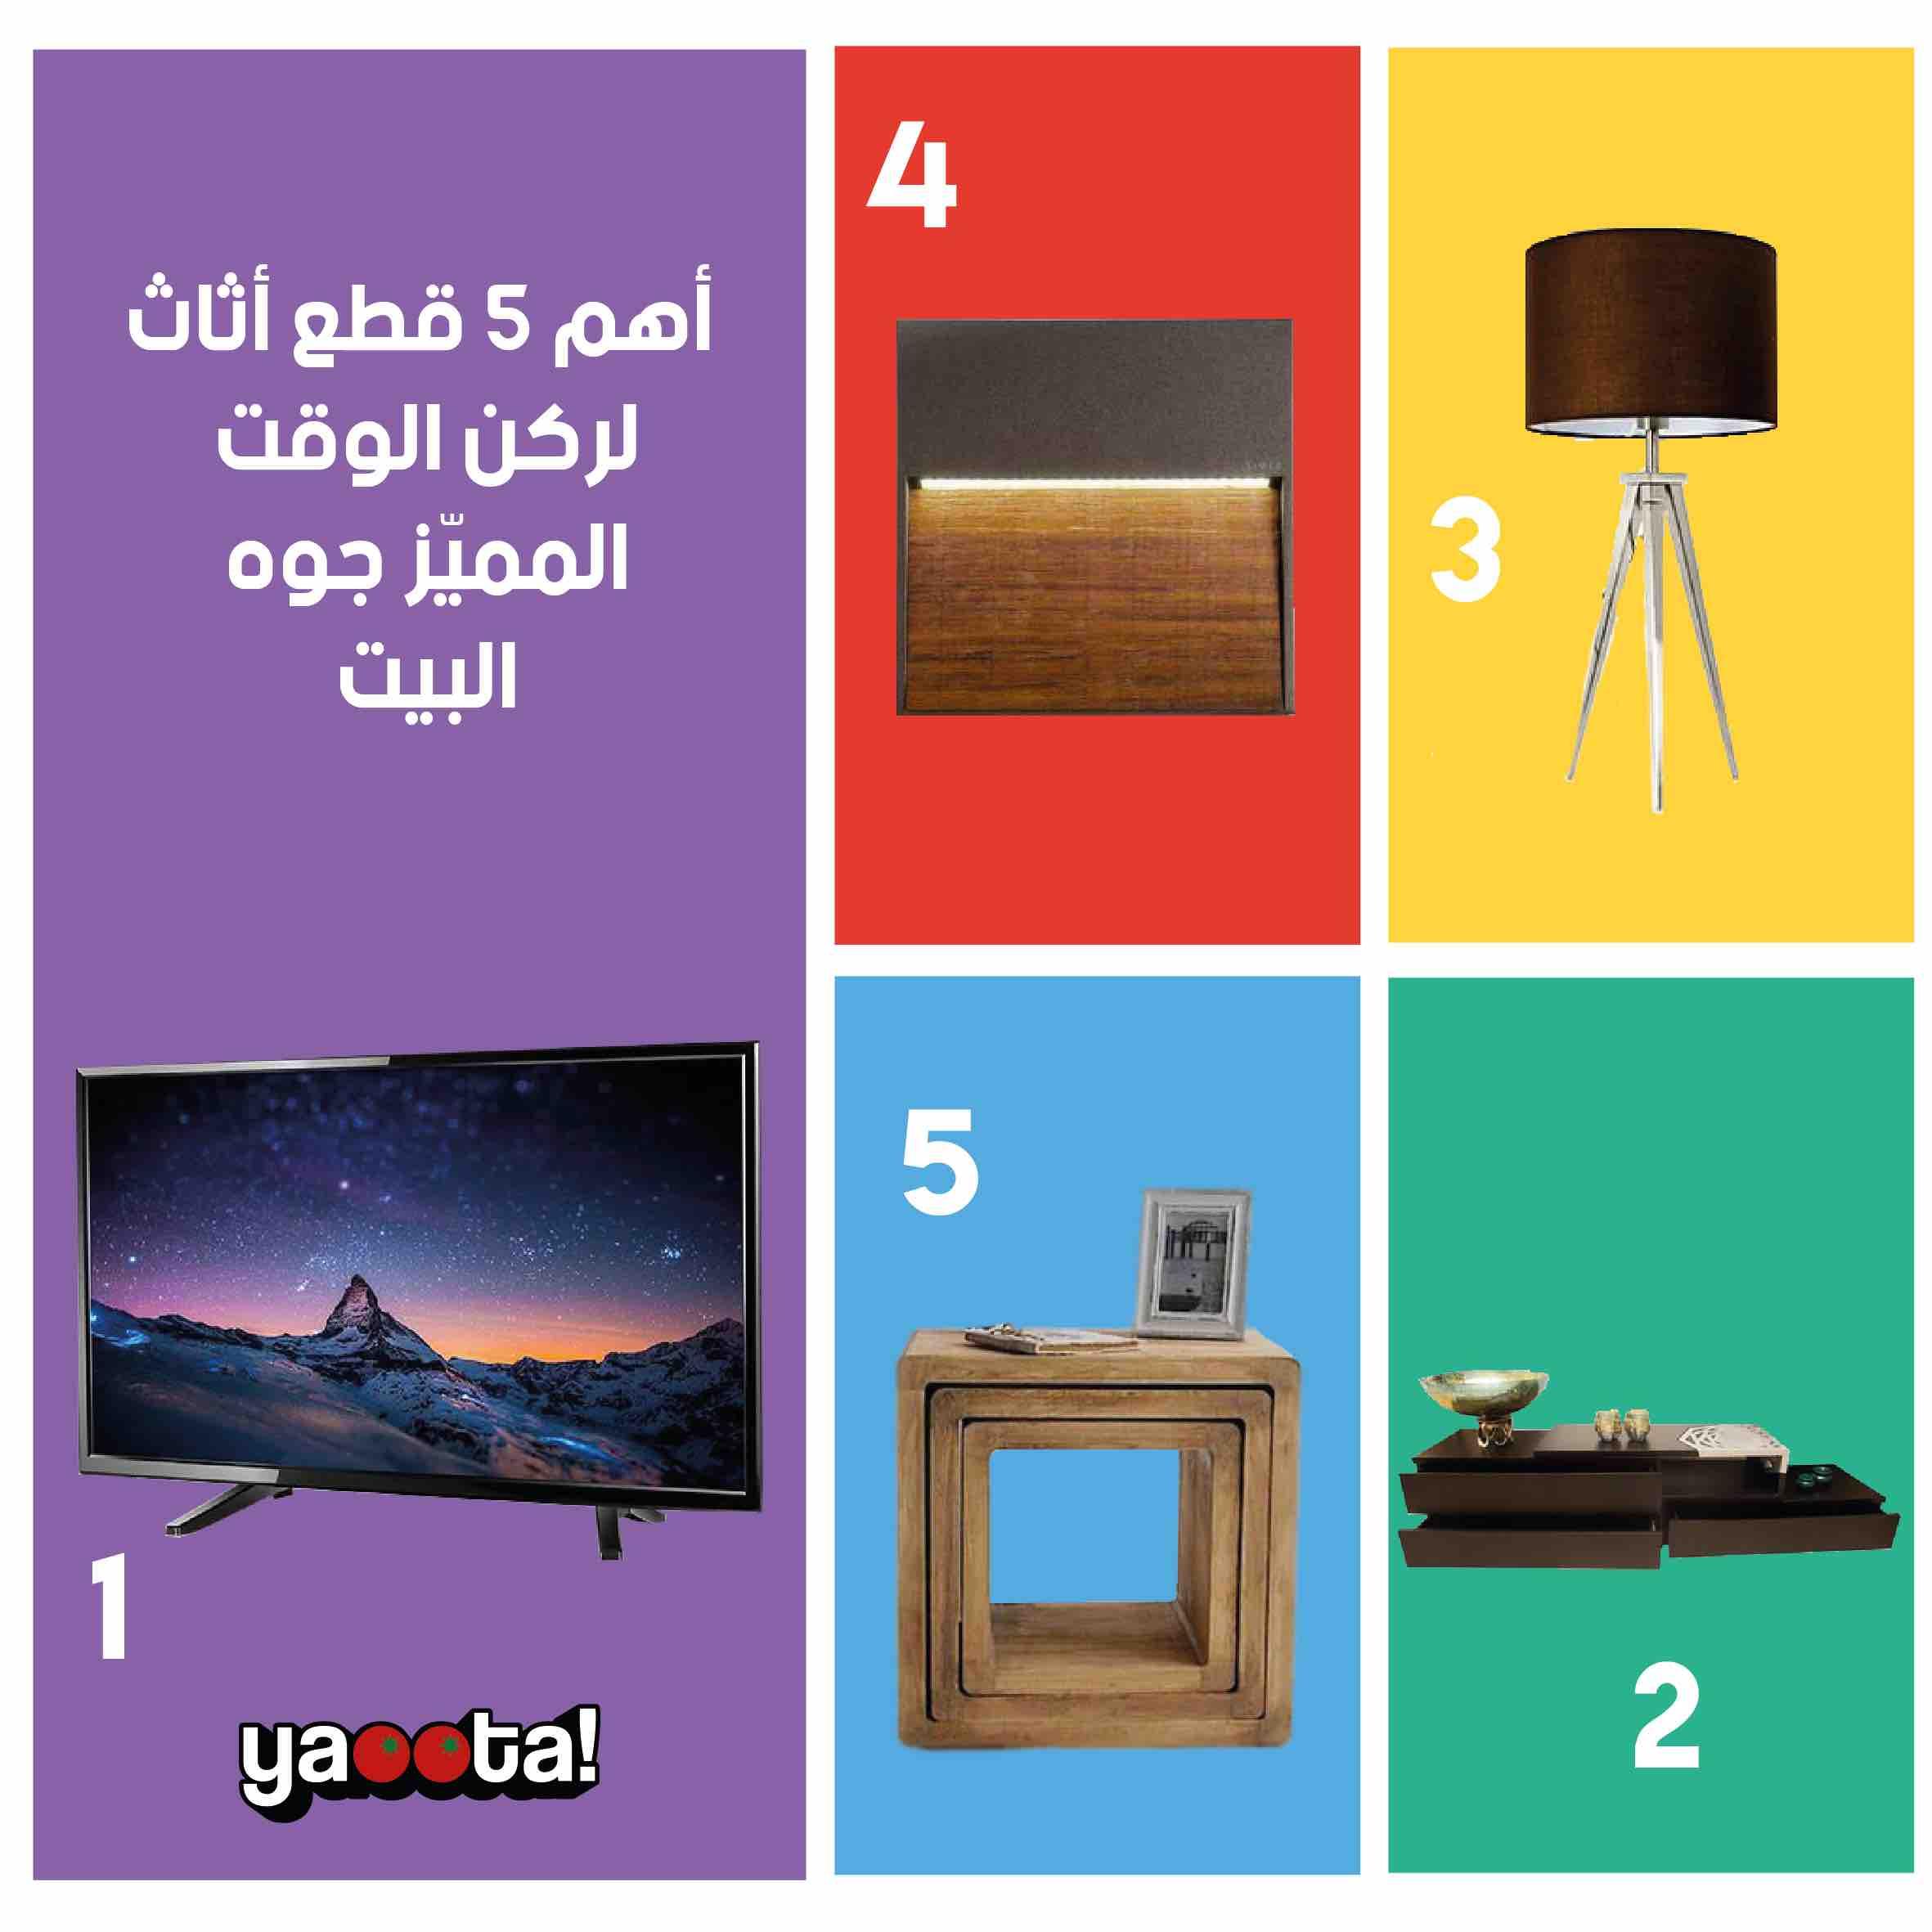 أنواع و مواصفات و اسعار أهم قطع أثاث لركن مميز في البيت